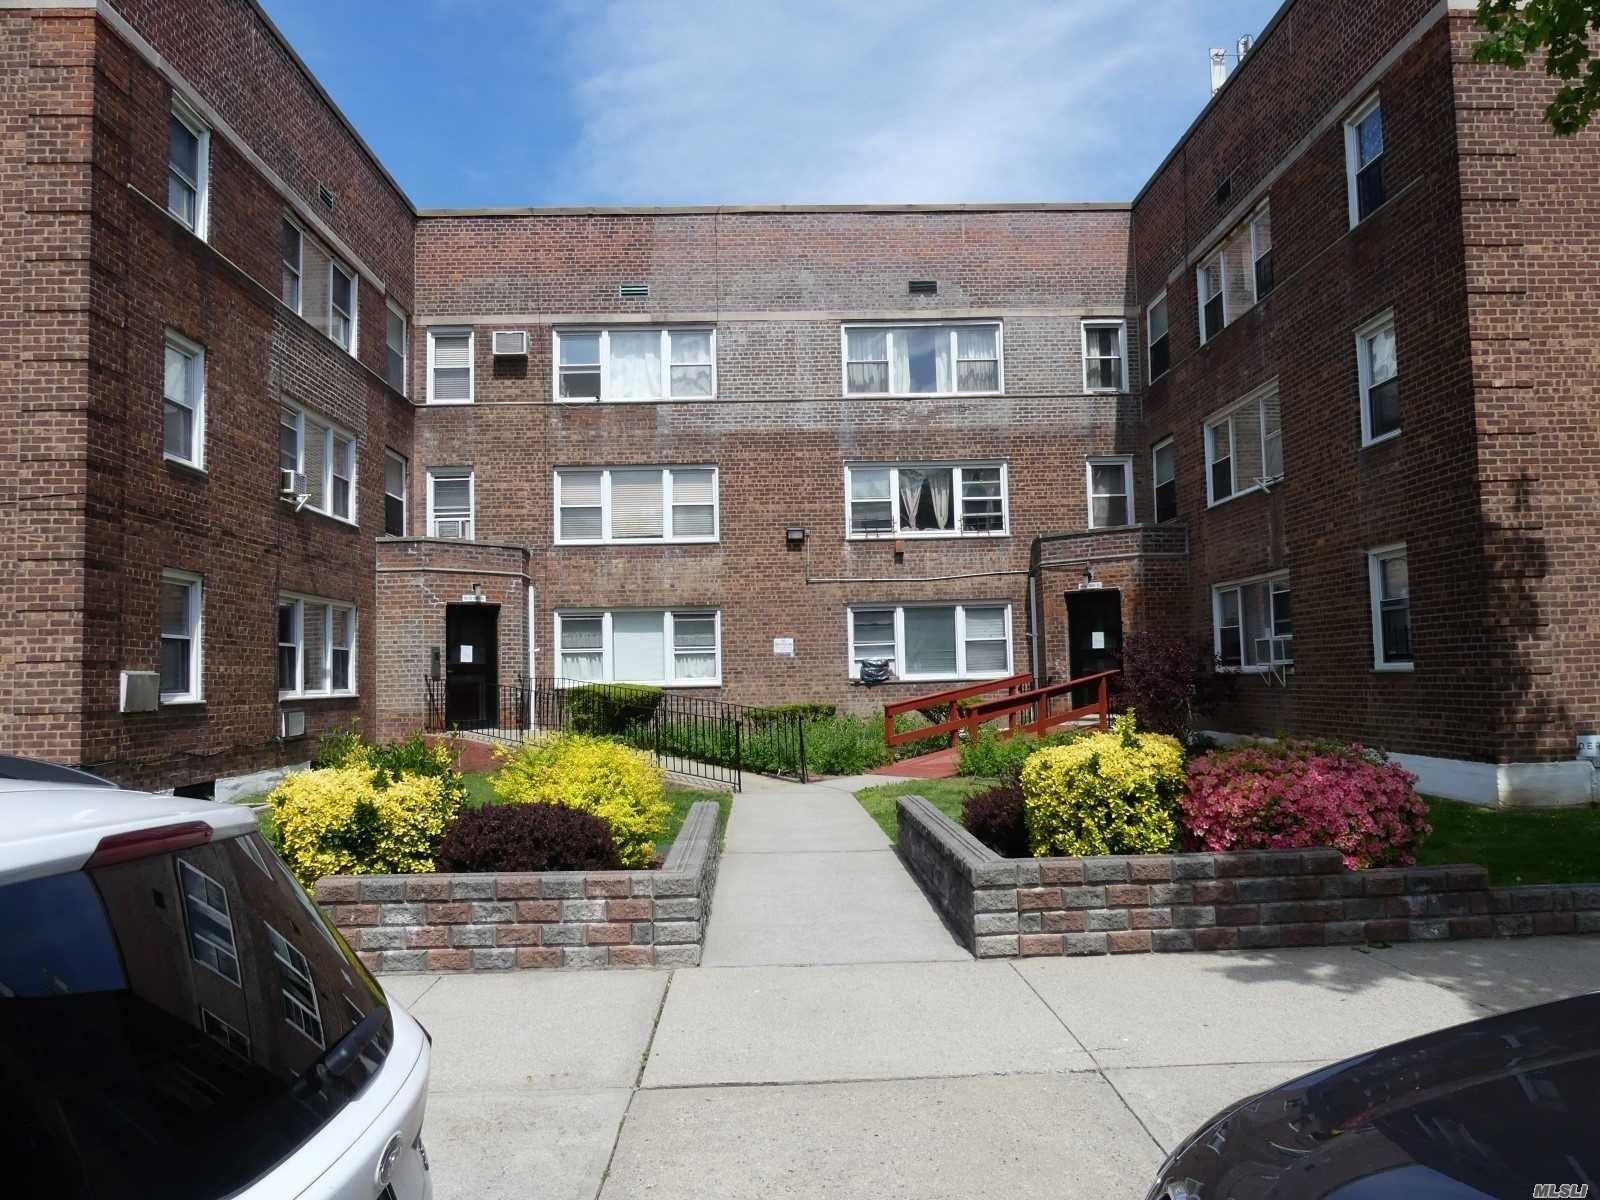 68-09 138 Street #2A, Flushing, NY 11367 - MLS#: 3216624